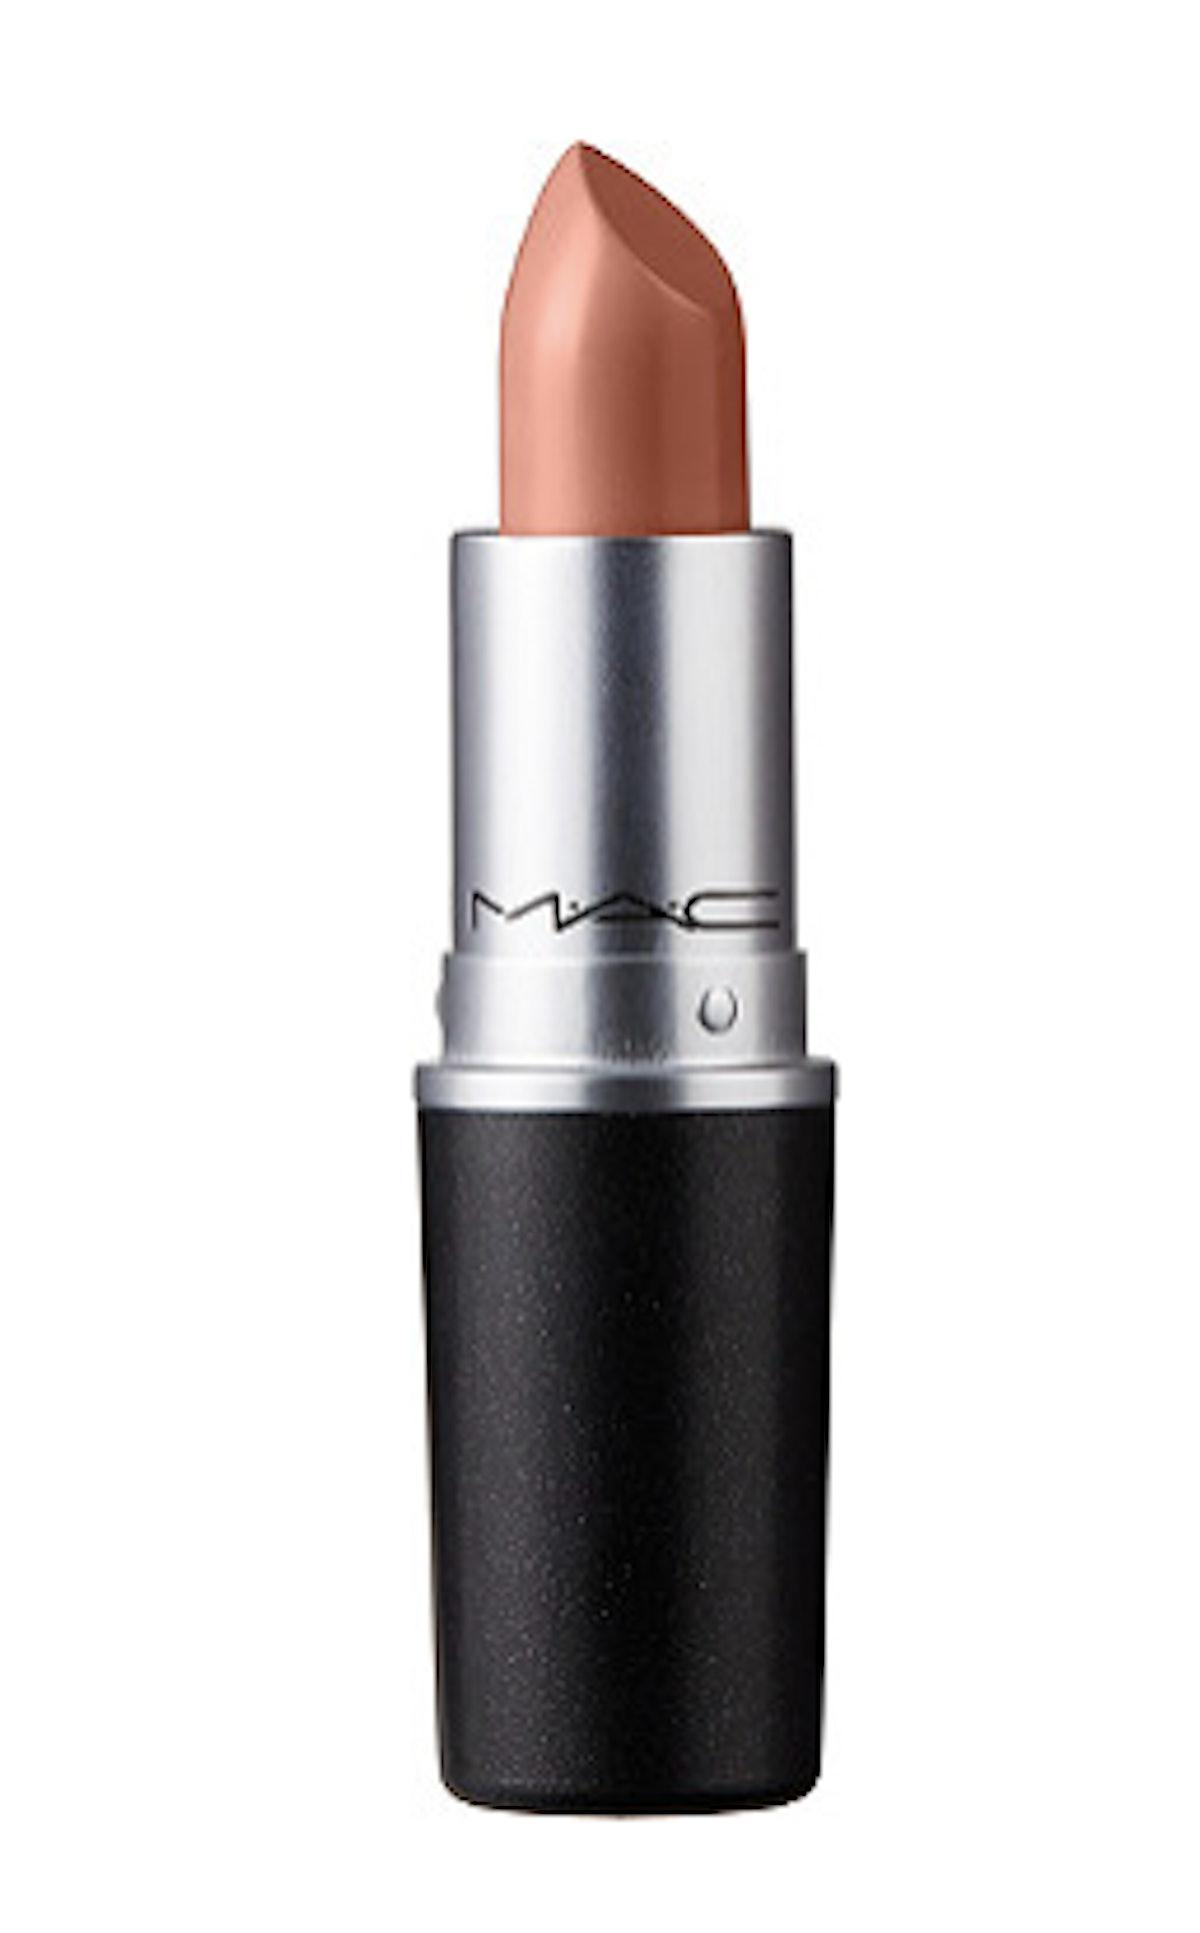 Matte Lipstick in Taupe